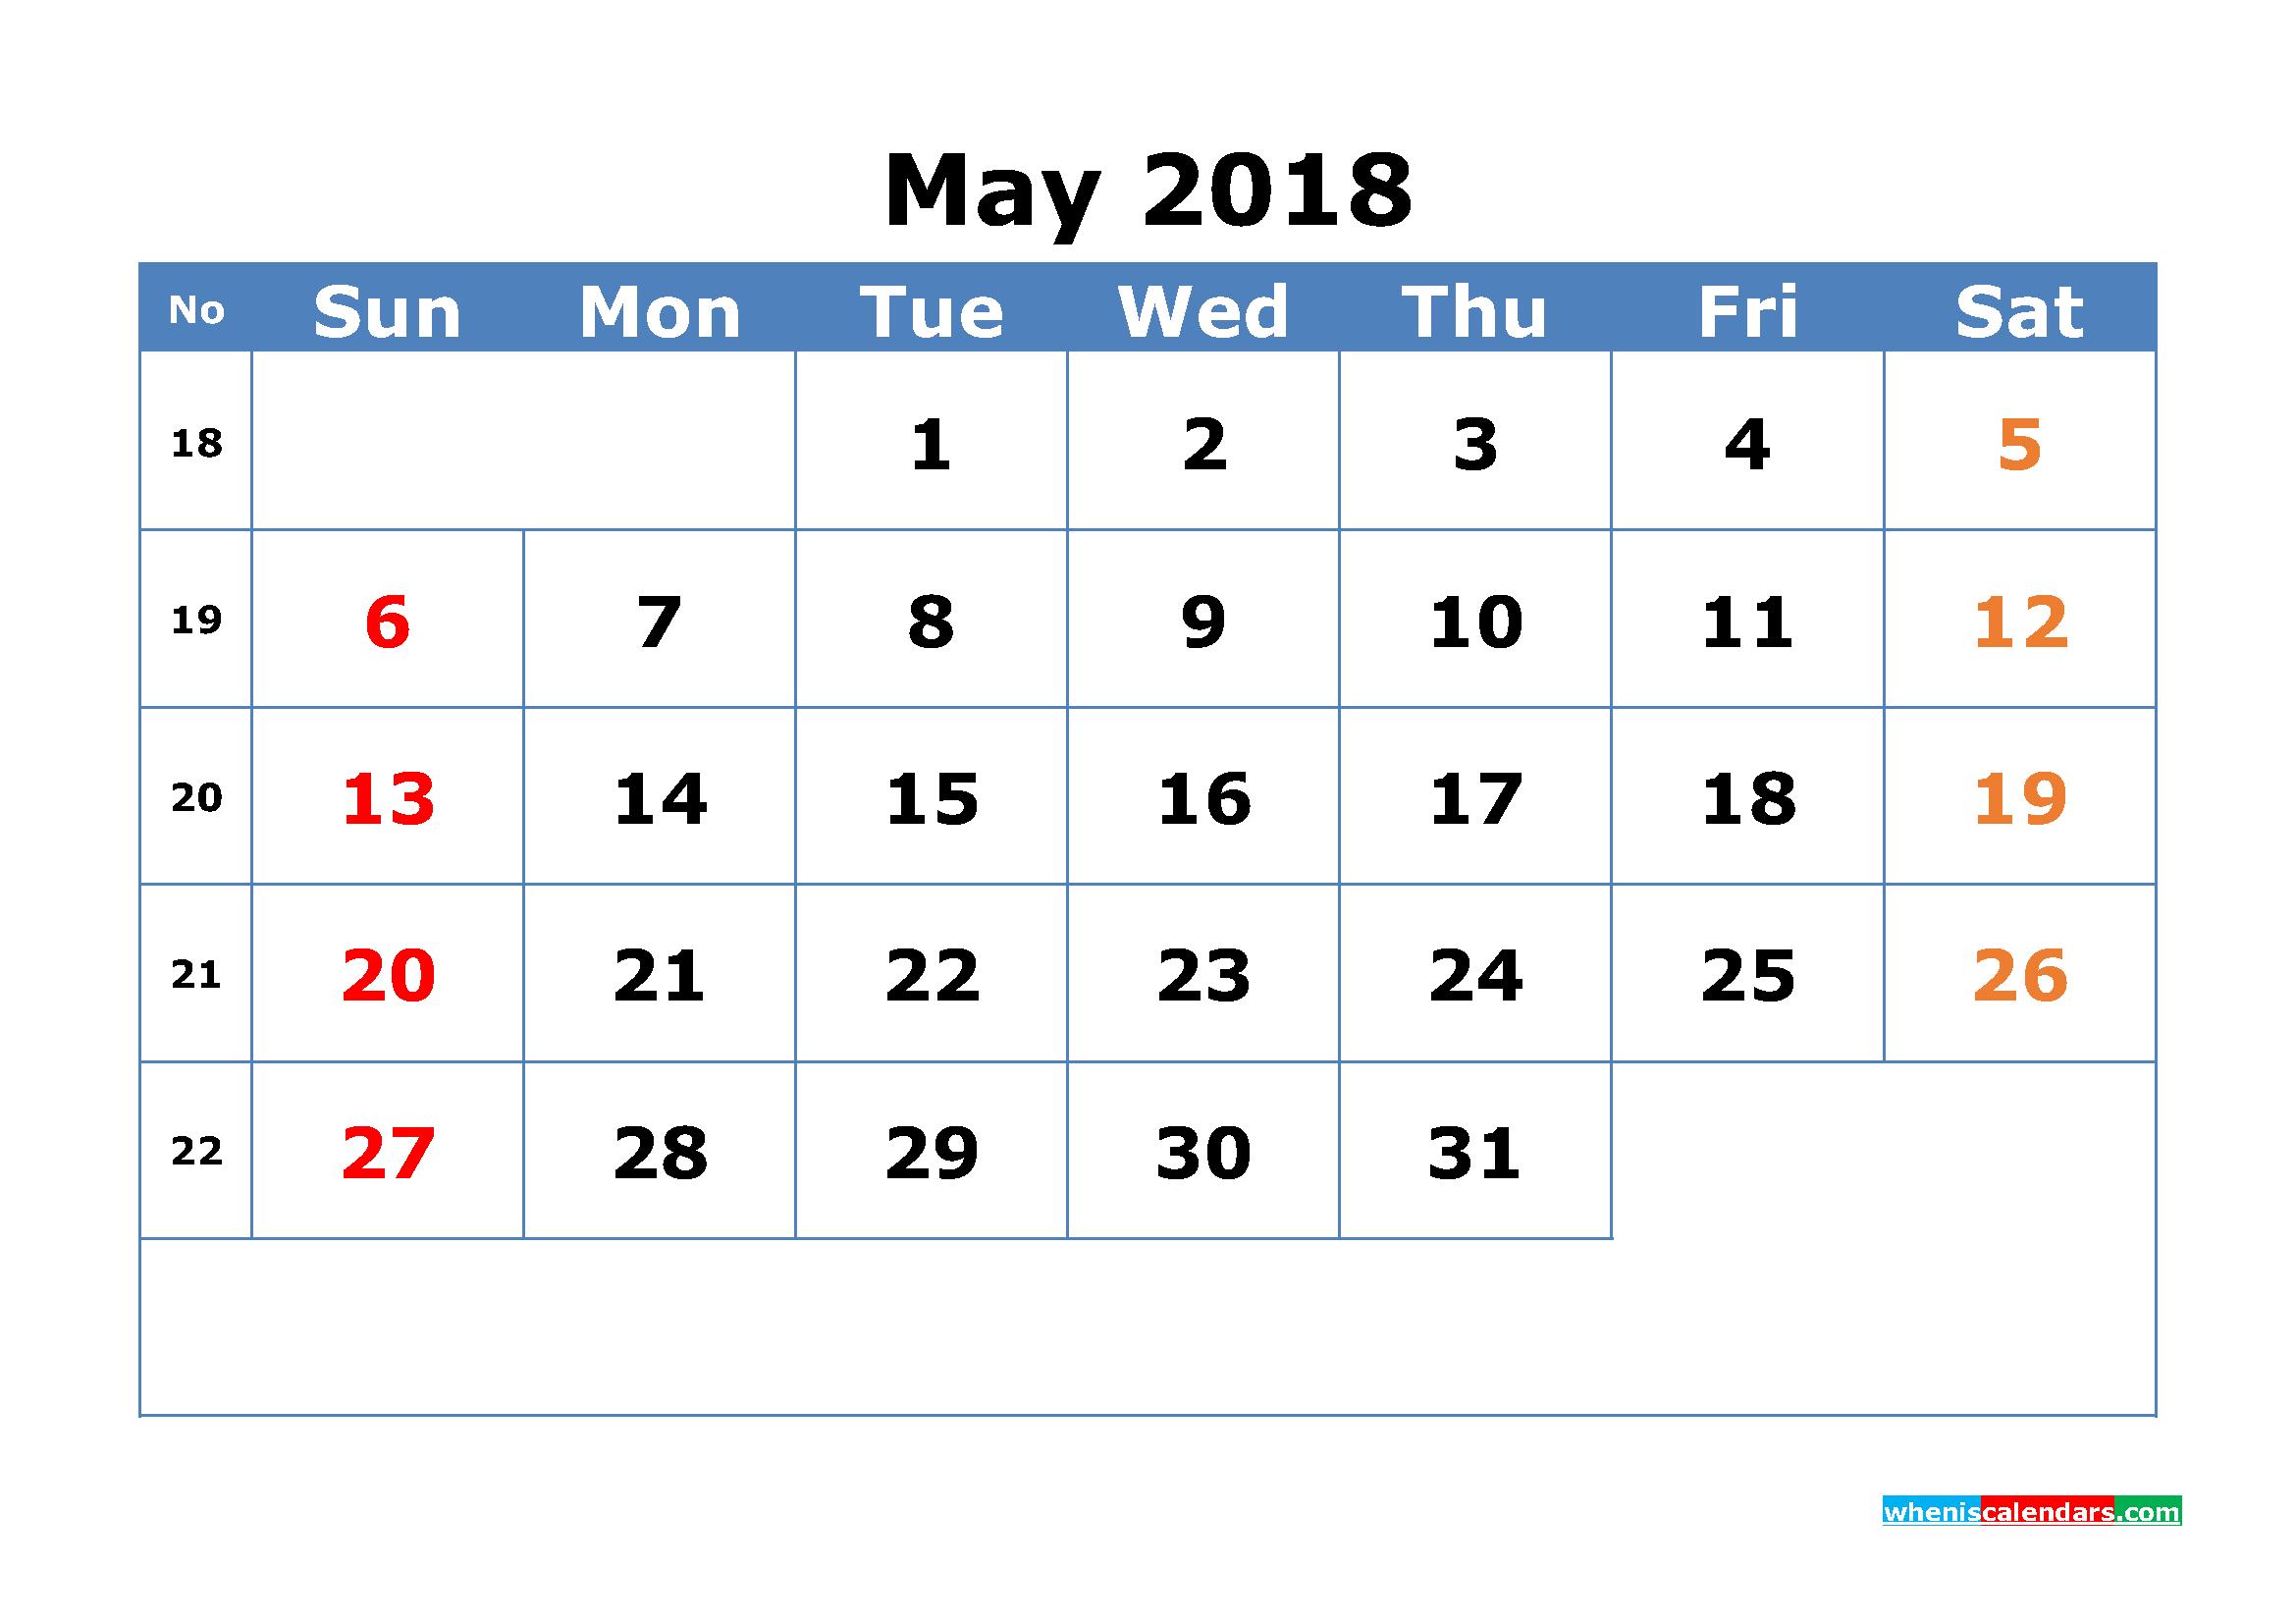 May Calendar Numbers Printable : Printable calendar may with week numbers pdf image